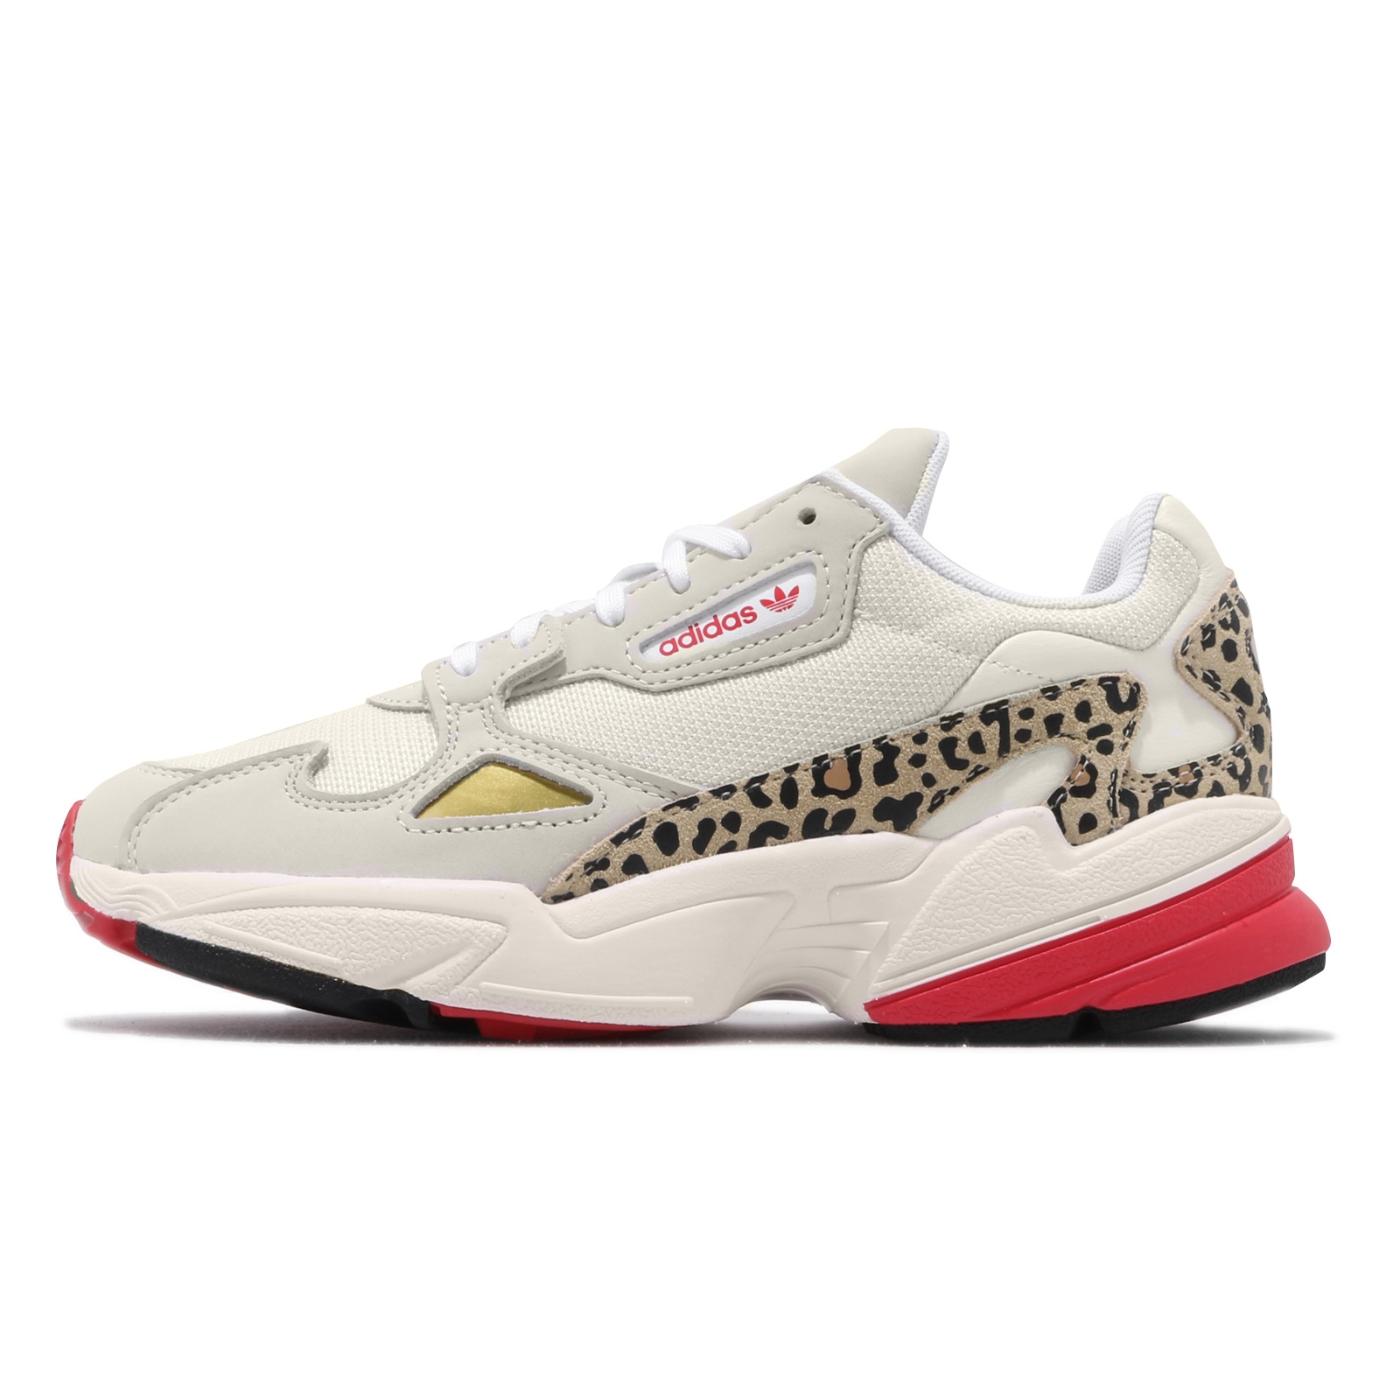 adidas 休閒鞋 Falcon 老爹鞋 女鞋